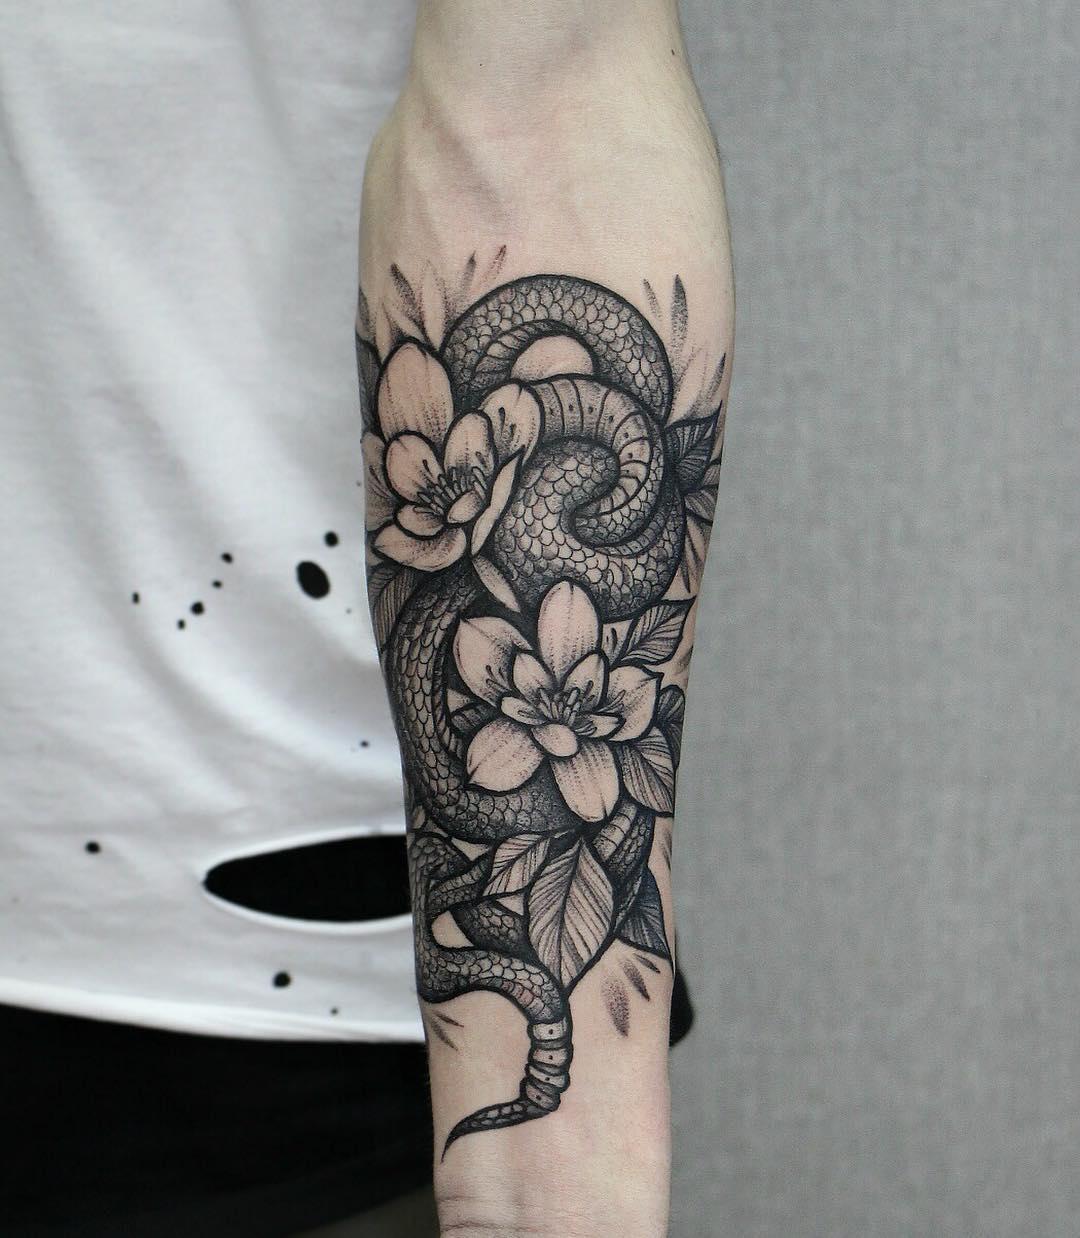 大臂oldschool蛇盘匕首纹身图案